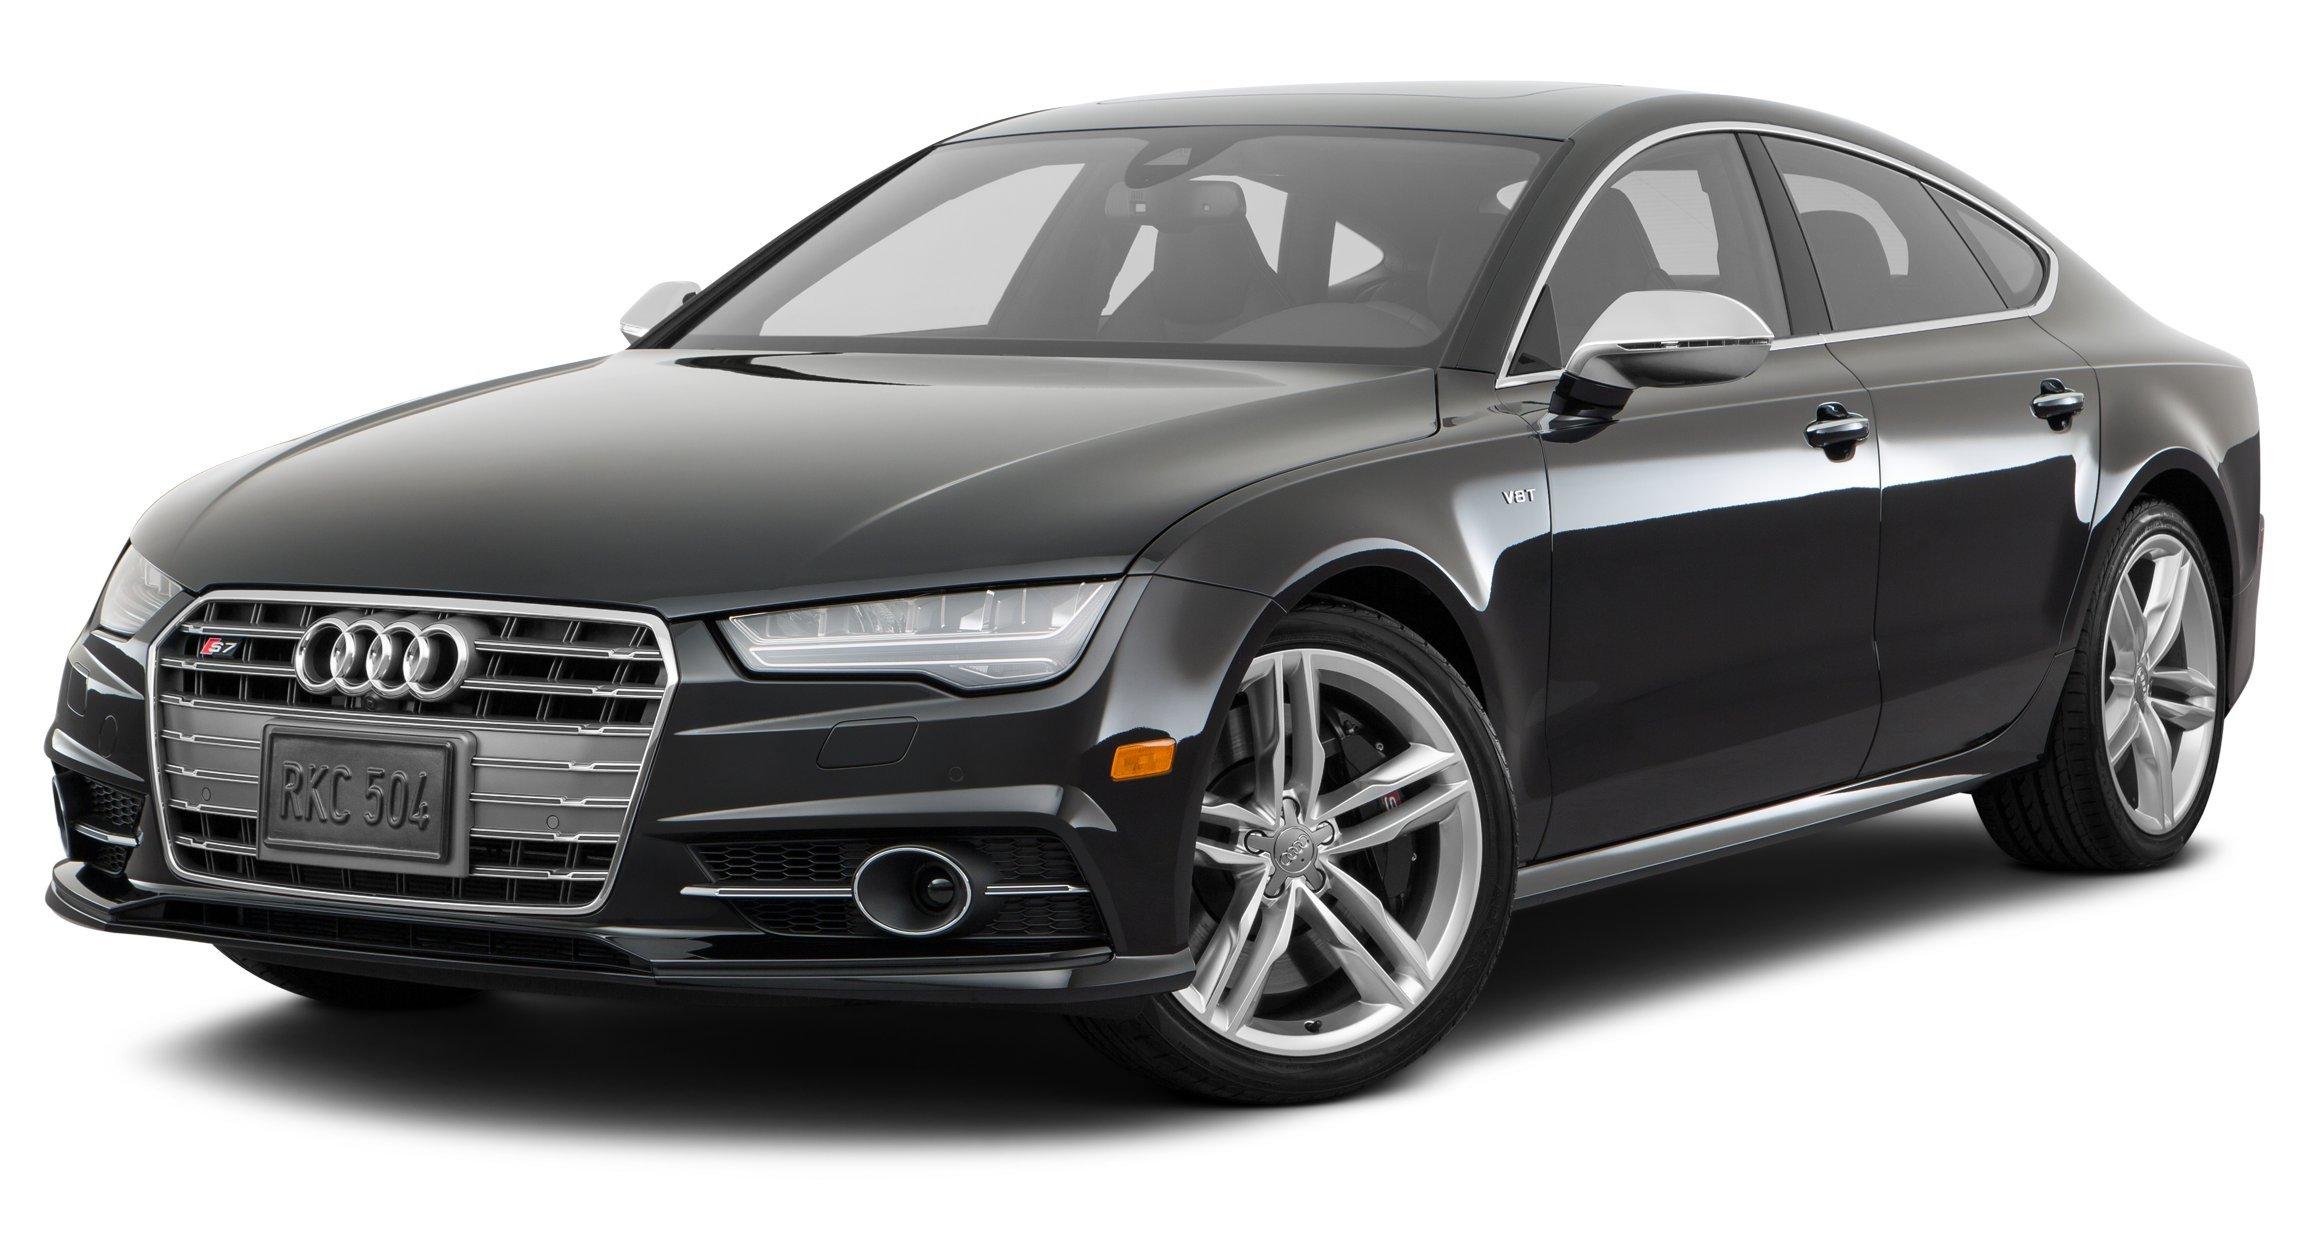 ... 2017 Audi S7 Premium Plus, 4.0 TFSI